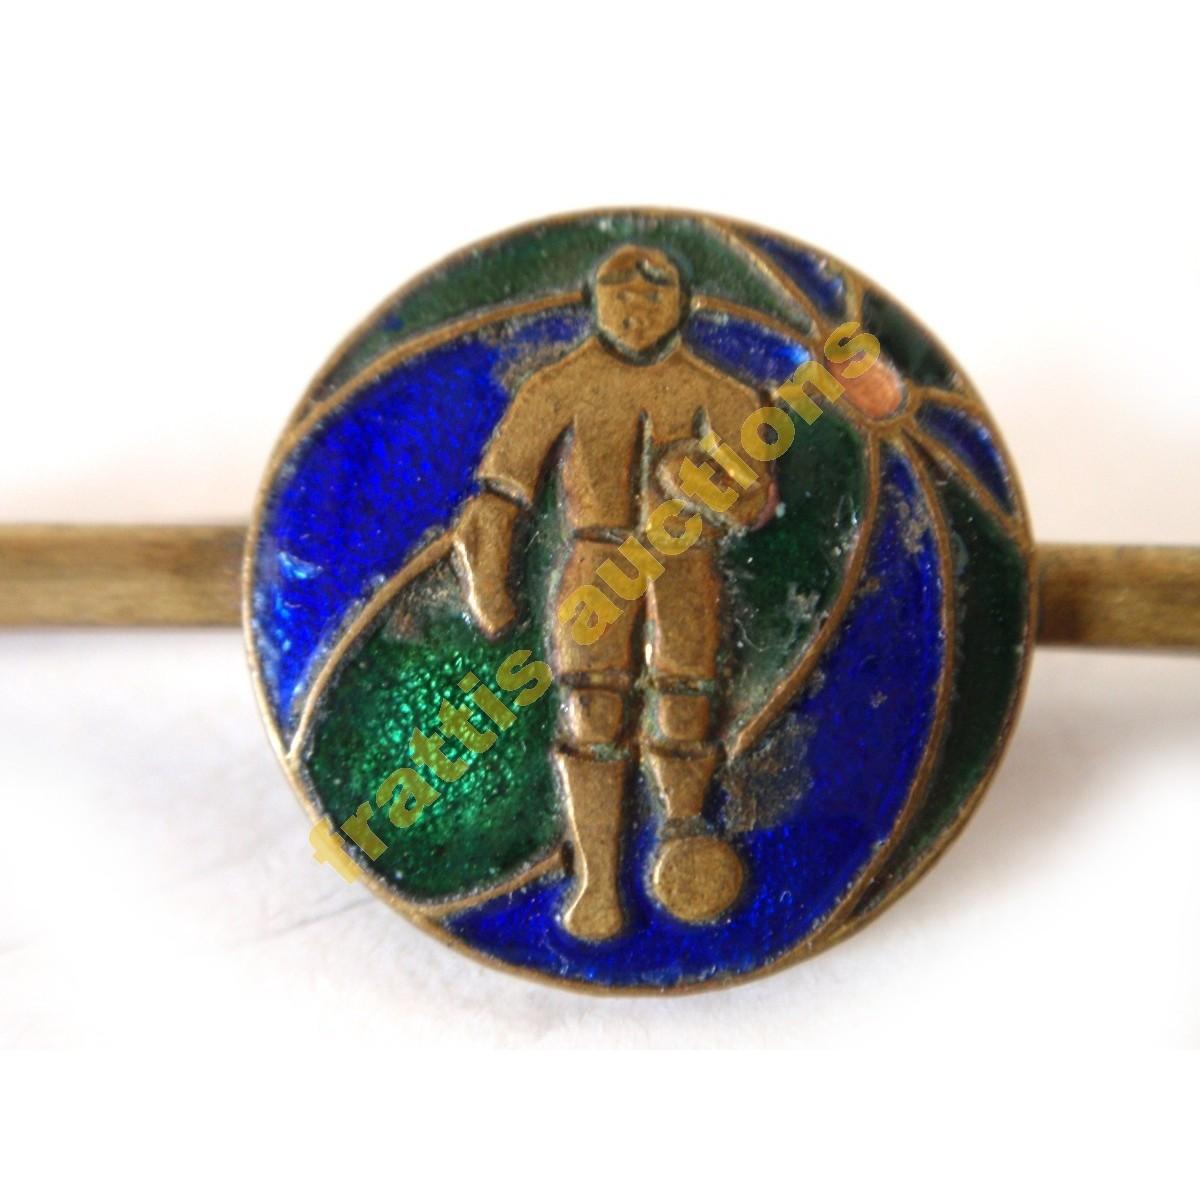 Pin ποδοσφαίρου για γραβάτα.